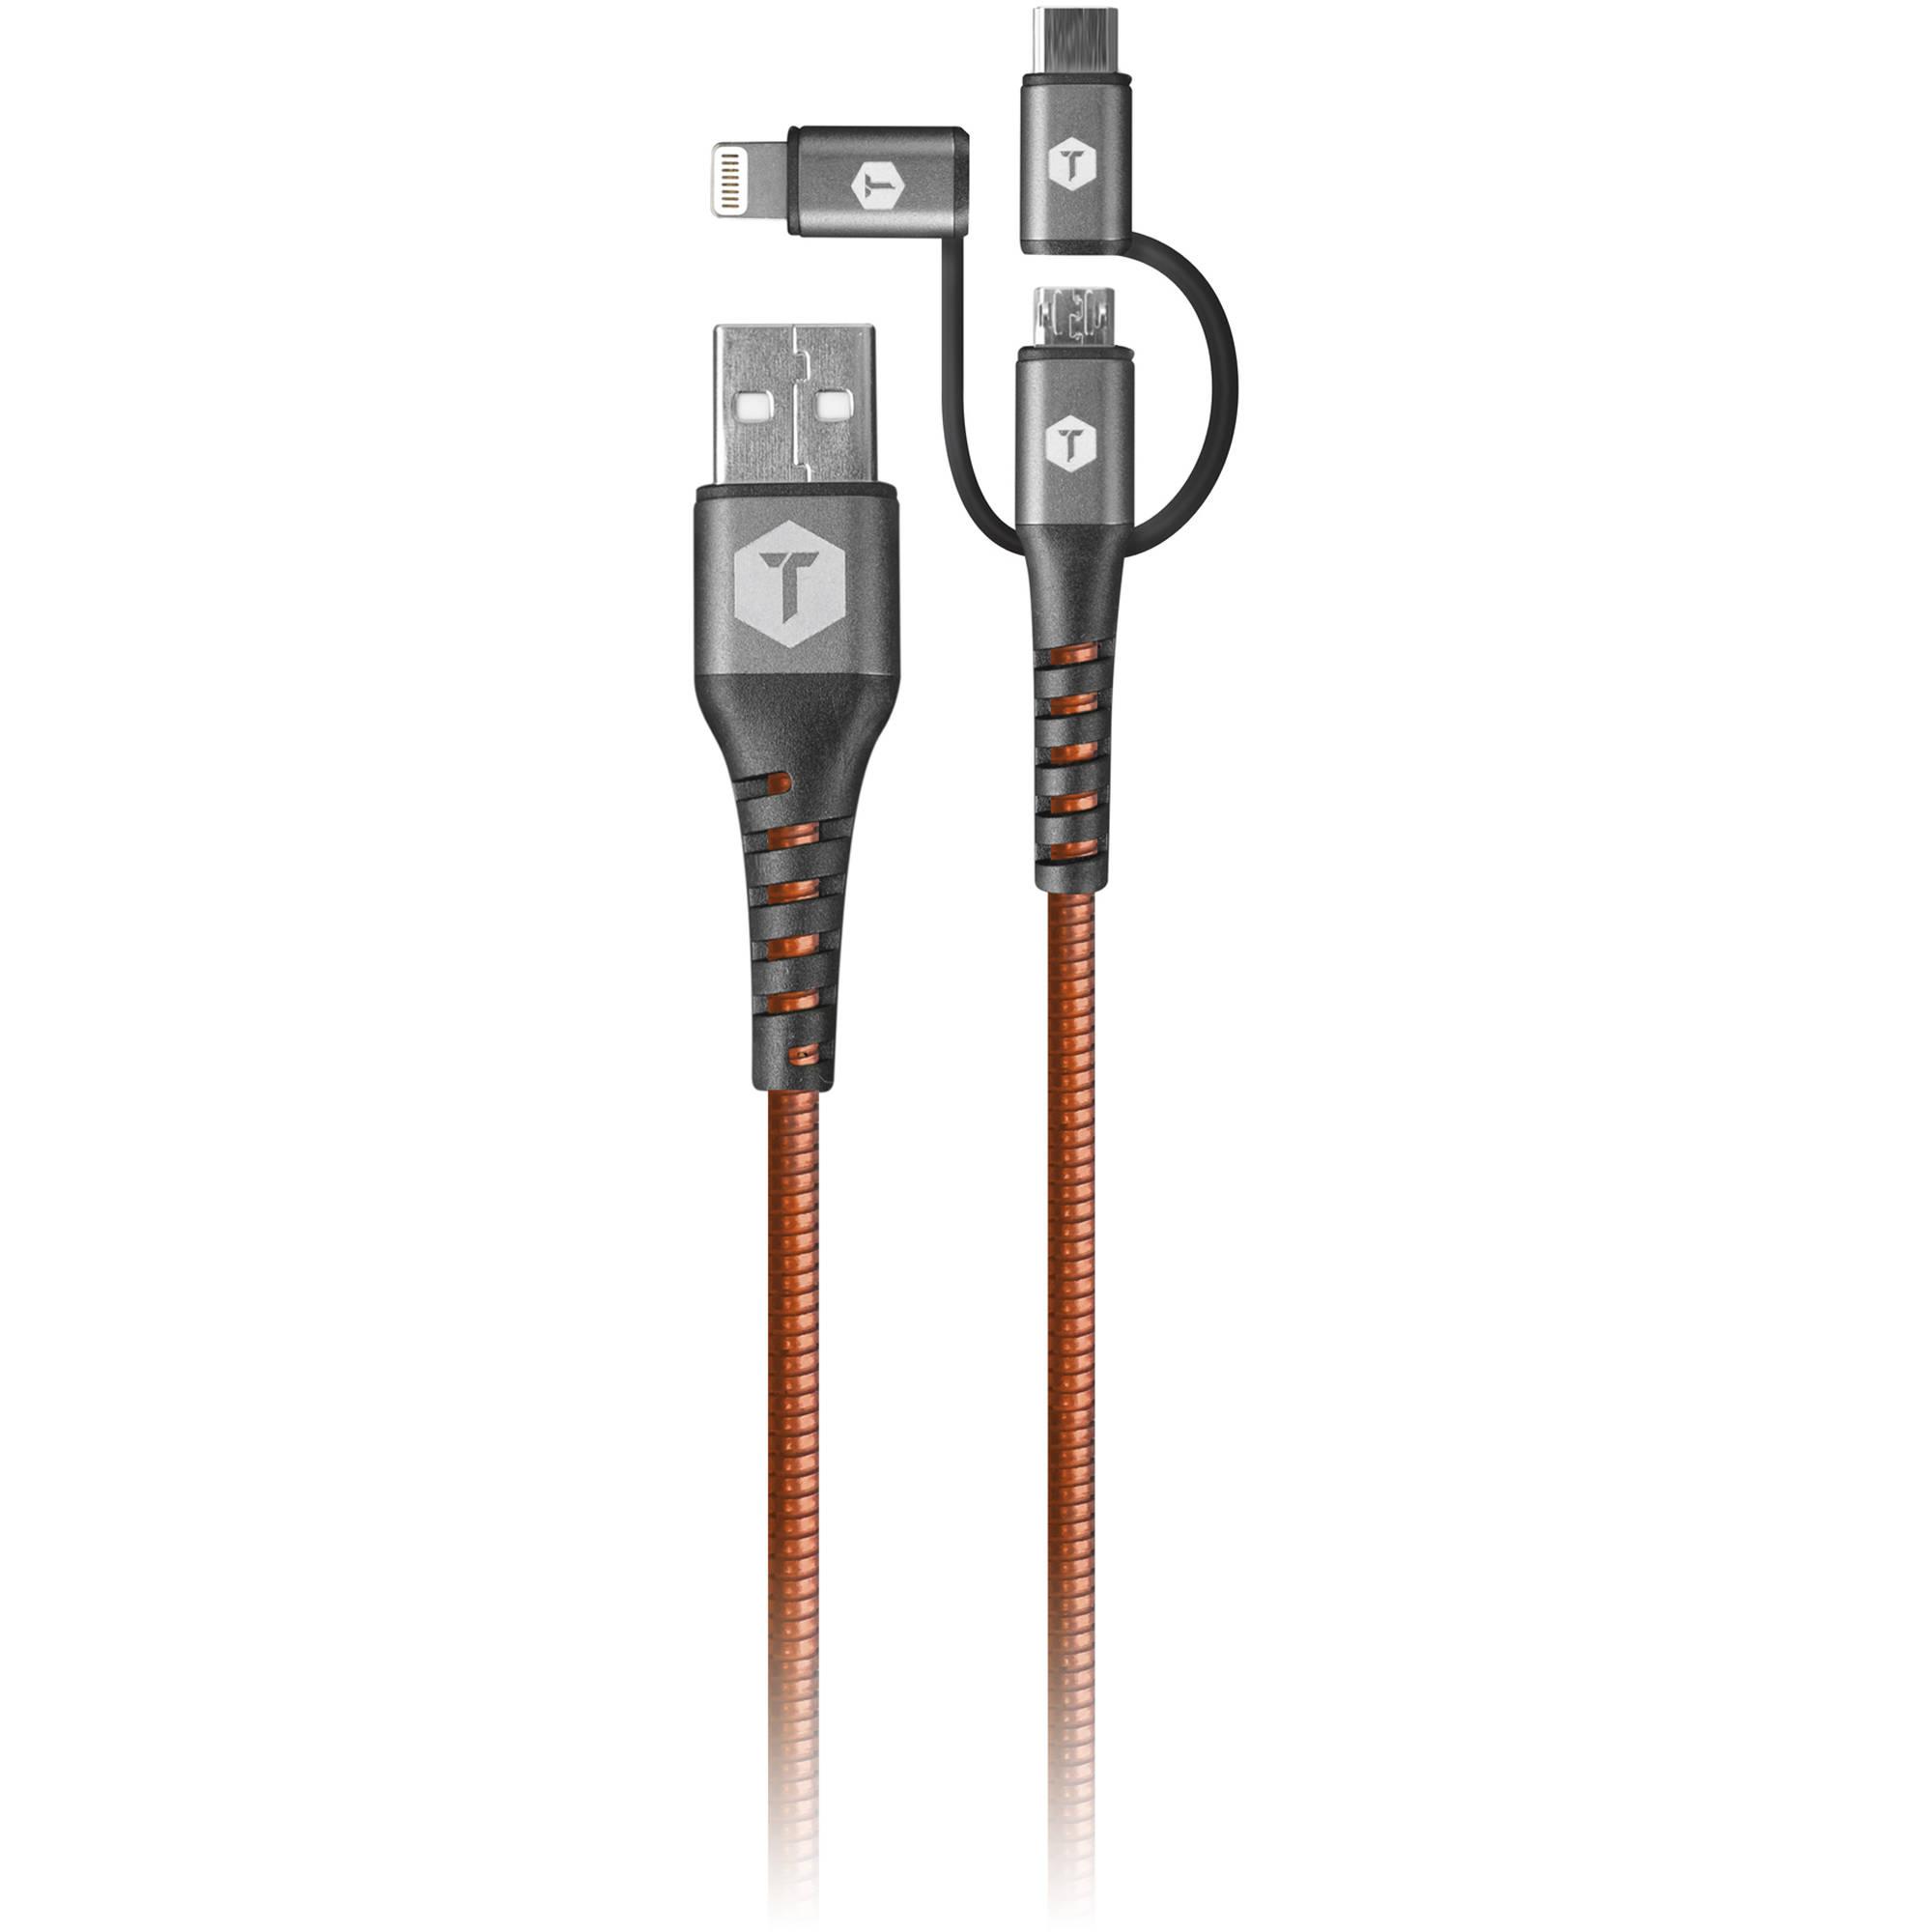 Rollei 400 acción cámara USB Data Sync Cable//Plomo Para Pc Y Mac